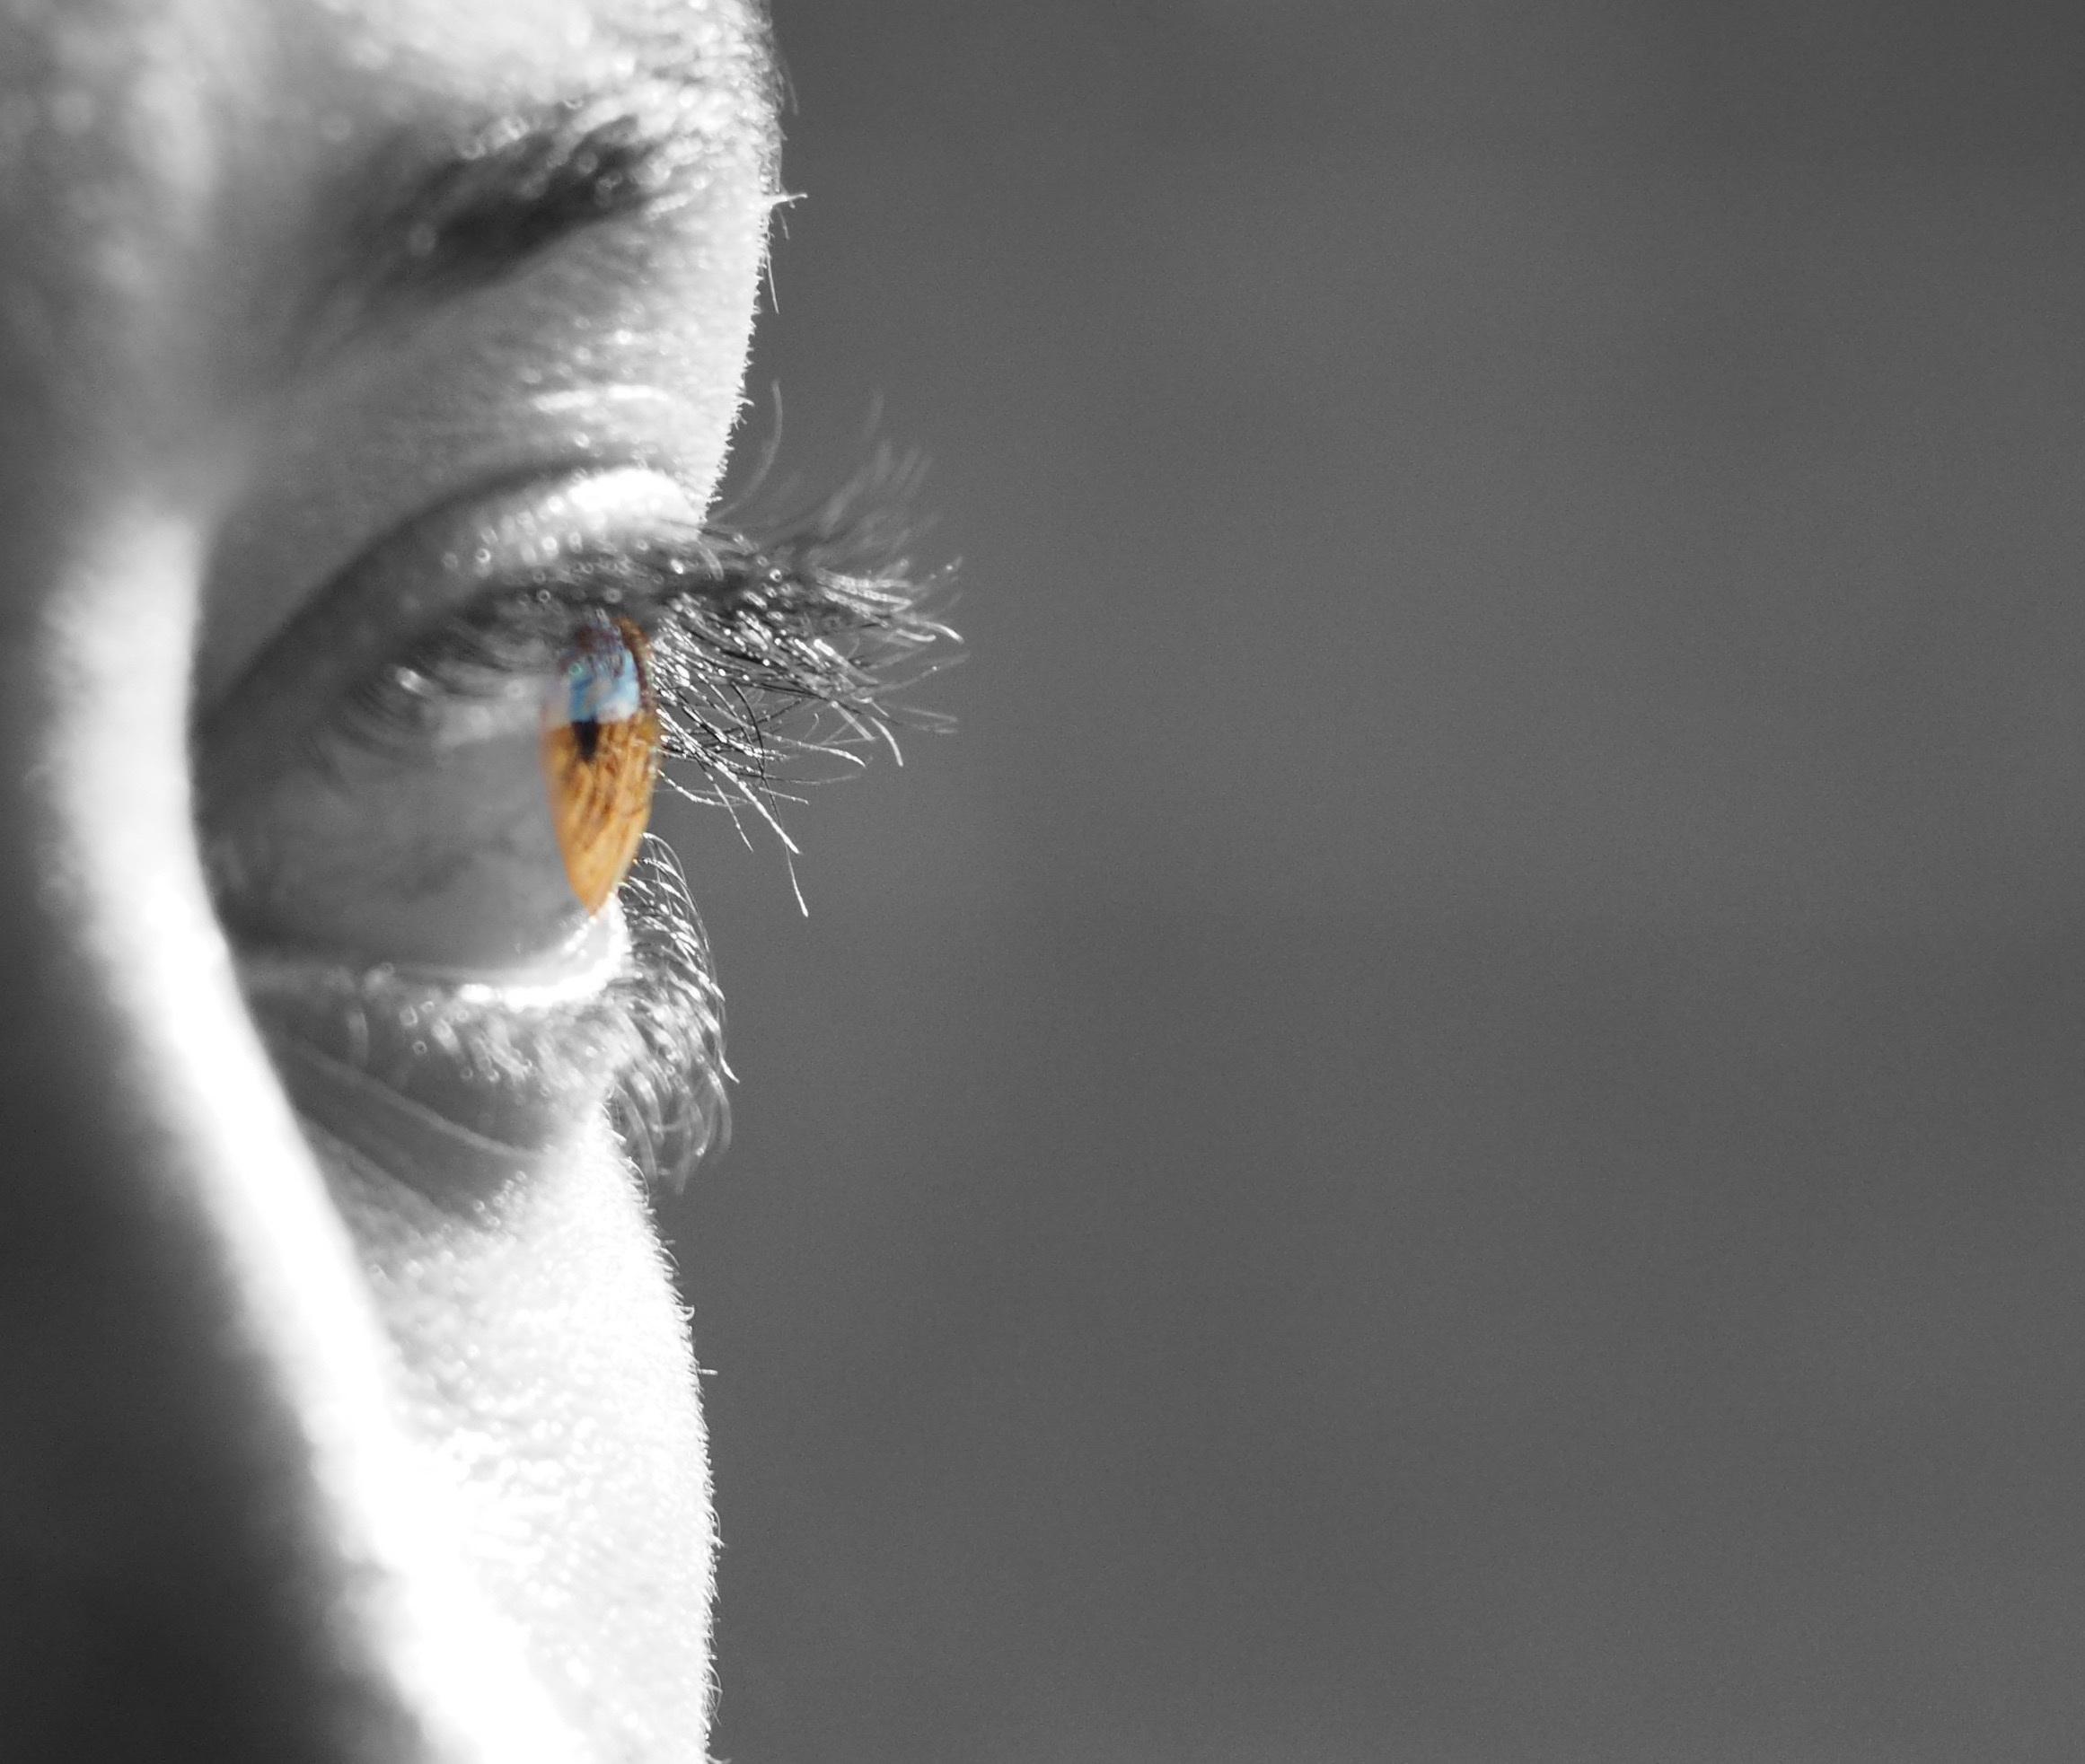 Fotos Gratis En Blanco Y Negro Fotografía Mirando Hembra